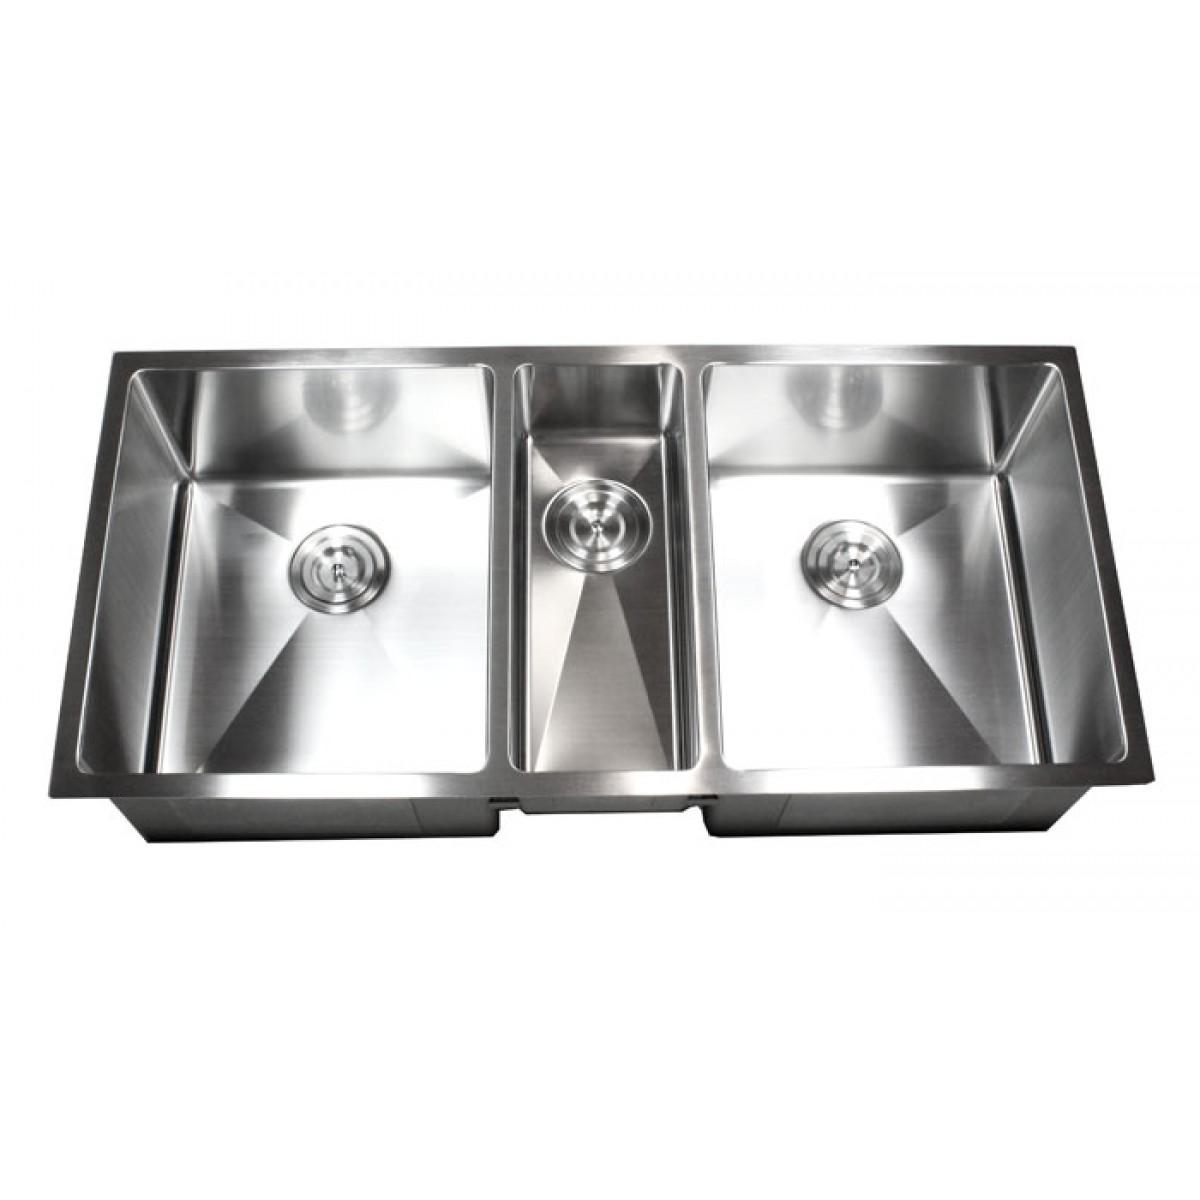 42 Inch Stainless Steel Undermount Triple Bowl Kitchen Sink 15mm Radius  Design - 16 Gauge